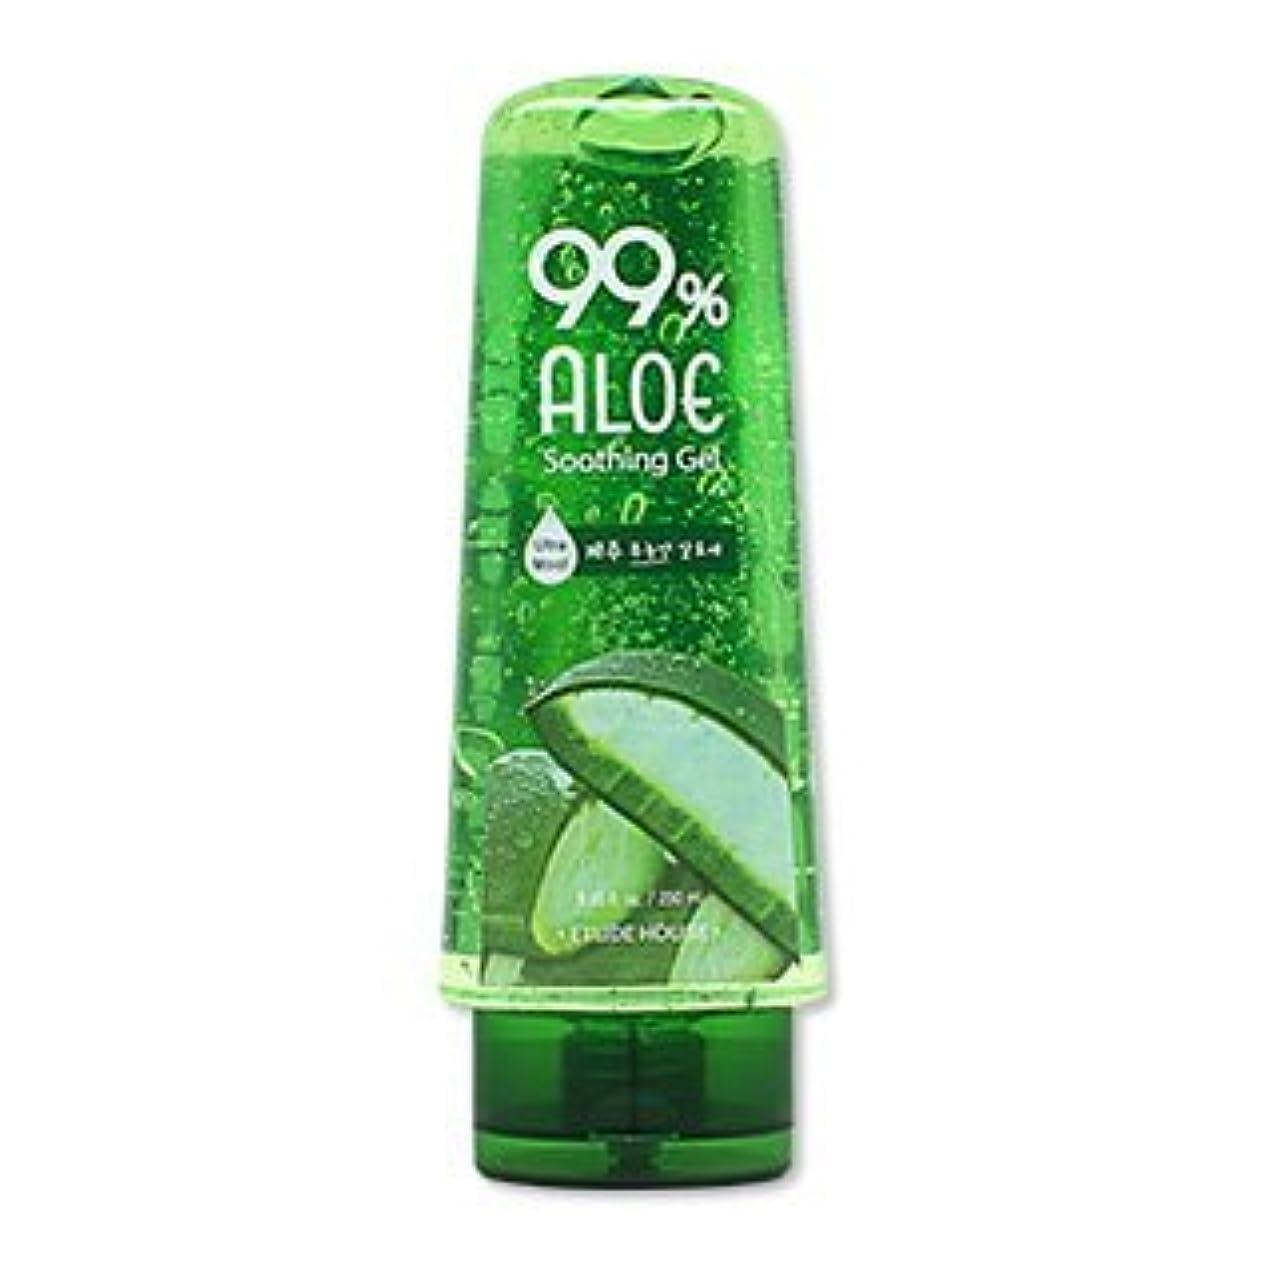 入口うつ交差点ETUDE HOUSE 99% Aloe Soothing Gel 250ml/エチュードハウス 99% アロエ スージング ジェル 250ml